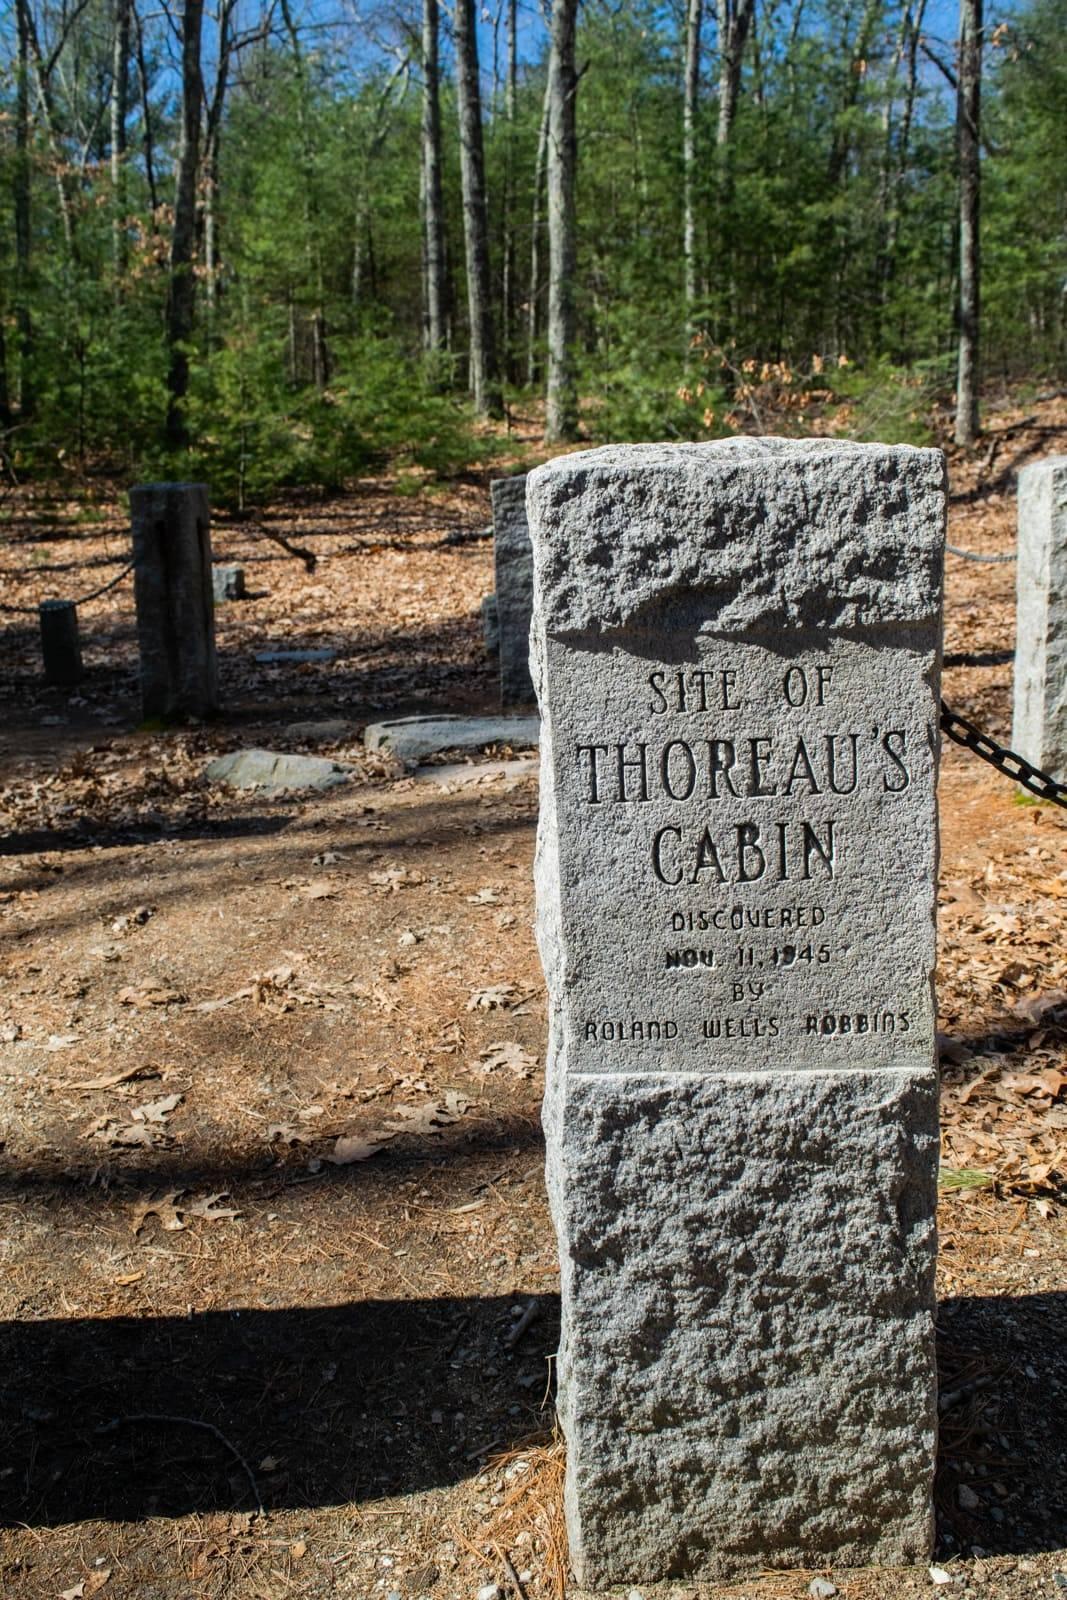 Site of Thoreau Cabin